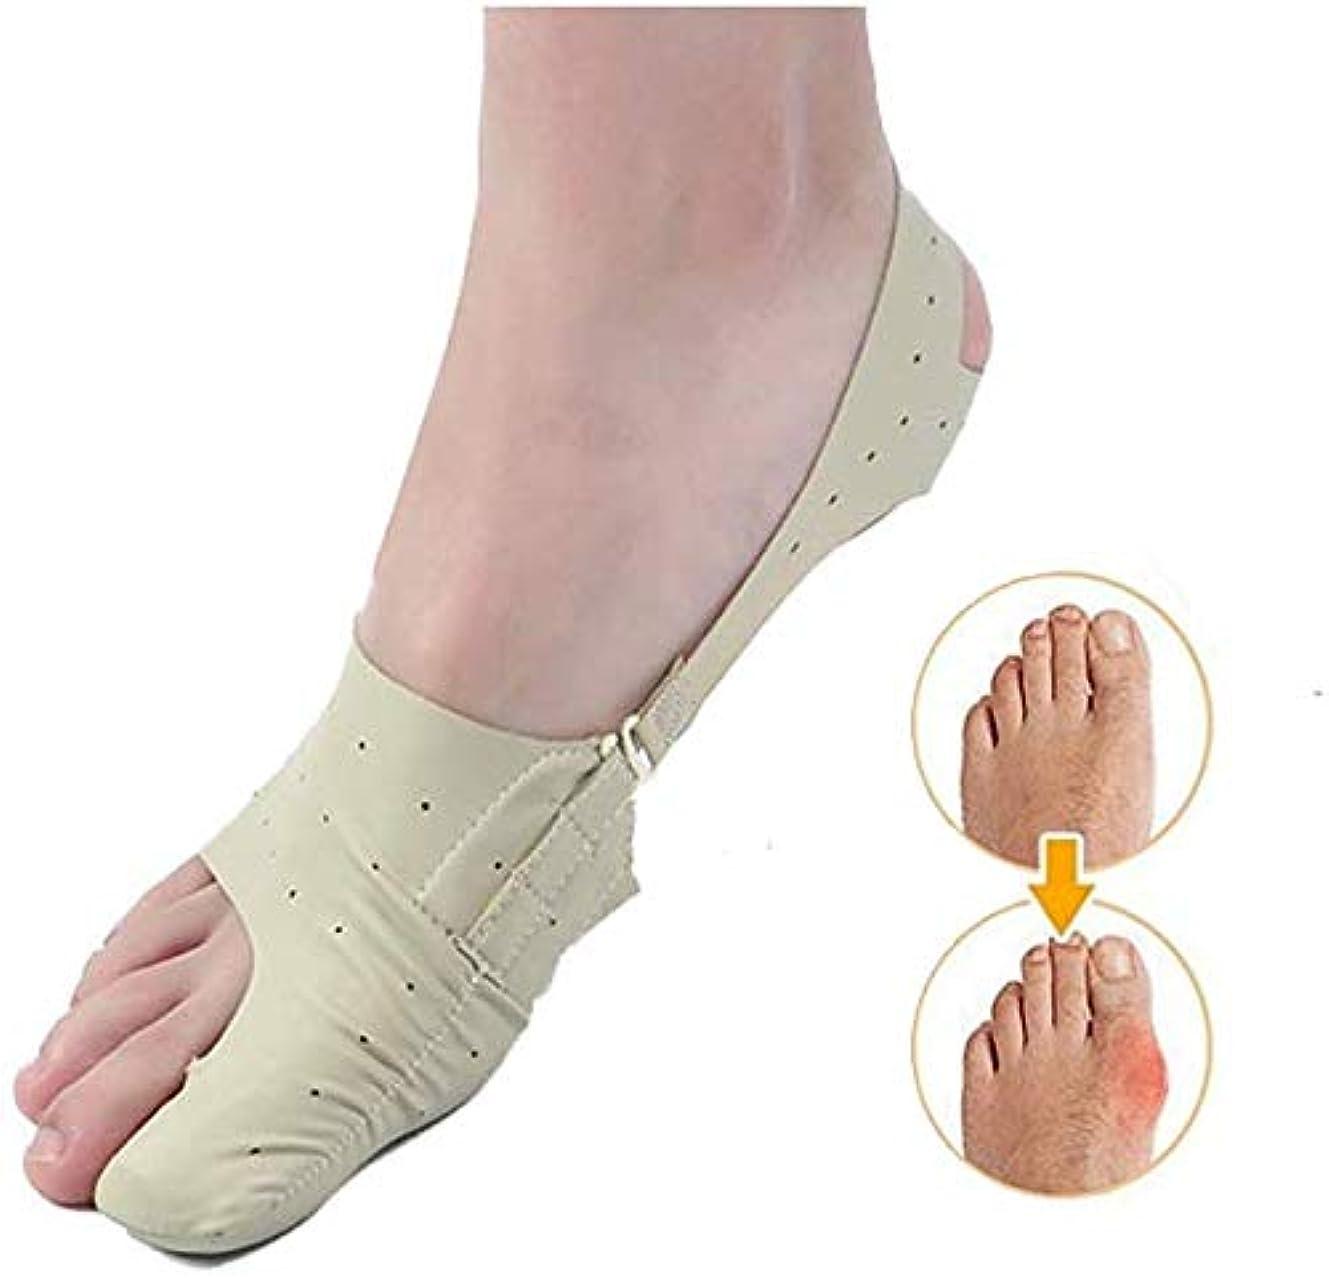 コンプライアンスレンディション人種矯正用足の親指矯正腱膜瘤アライナー合板フットケア装具親指サポート装具昼と夜の腱膜瘤副木プロテクター